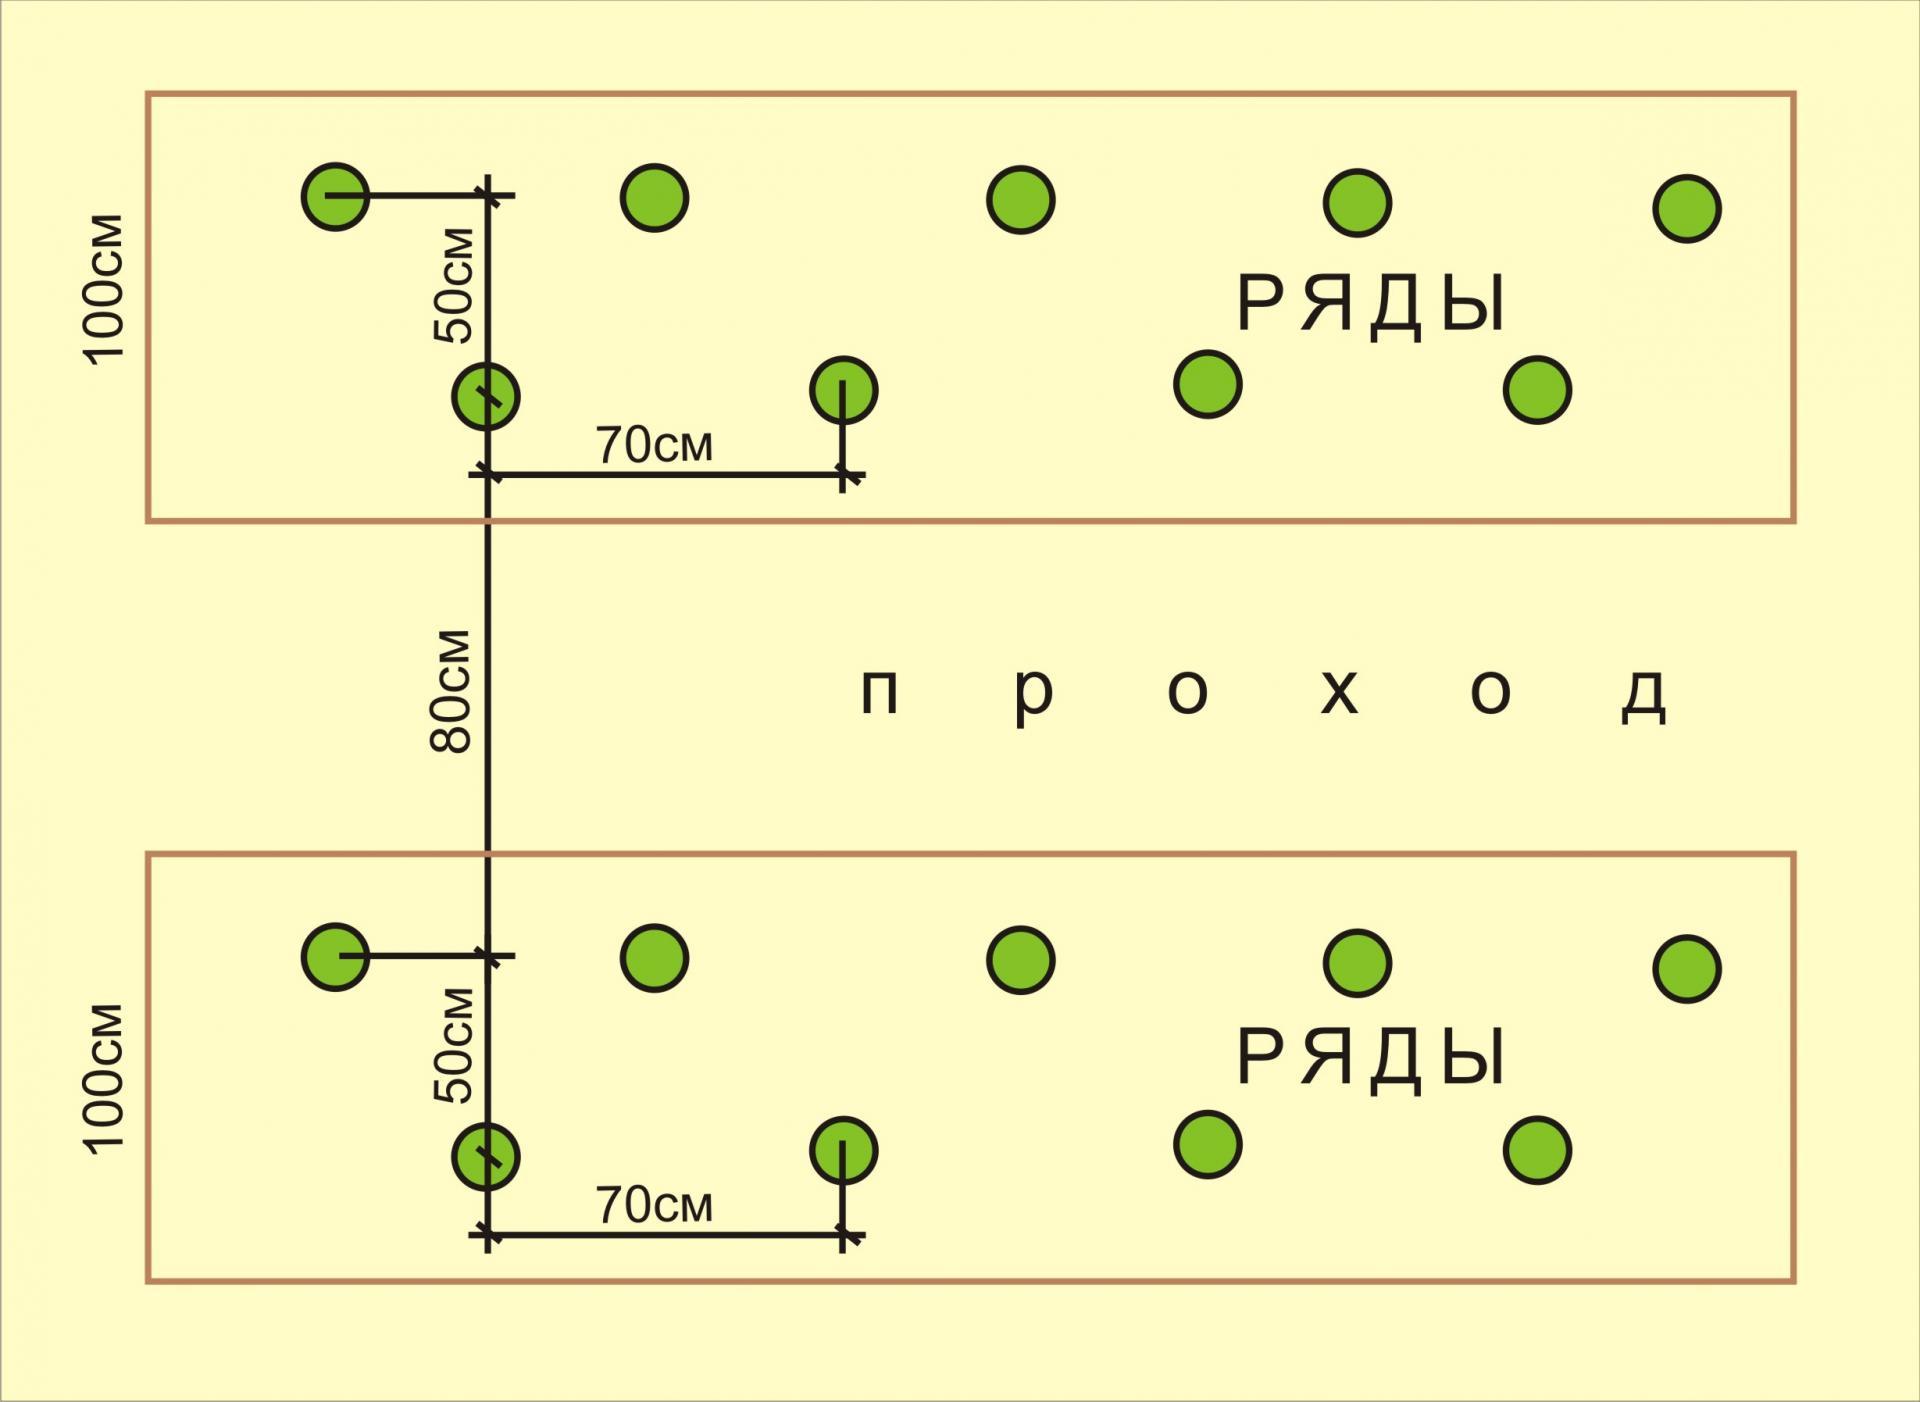 Посадка огурцов: в открытый грунт, схемы, сроки для средней полосы и способы рассаживания, на каком расстоянии лучше это делать, что положить в лунку